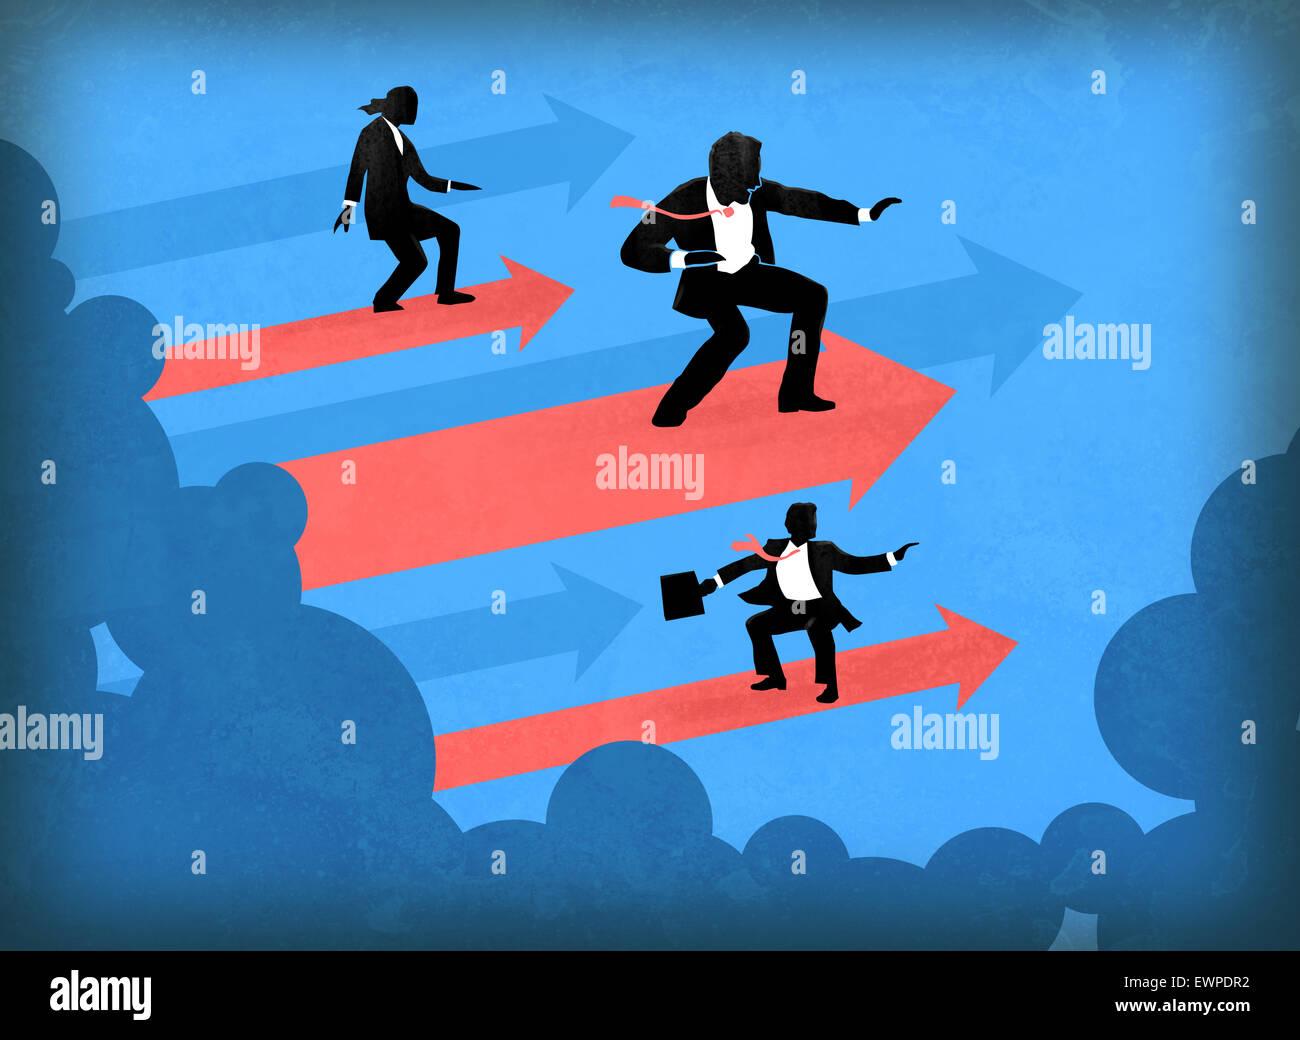 La gente di affari surf sulle frecce di direzione di successo Immagini Stock